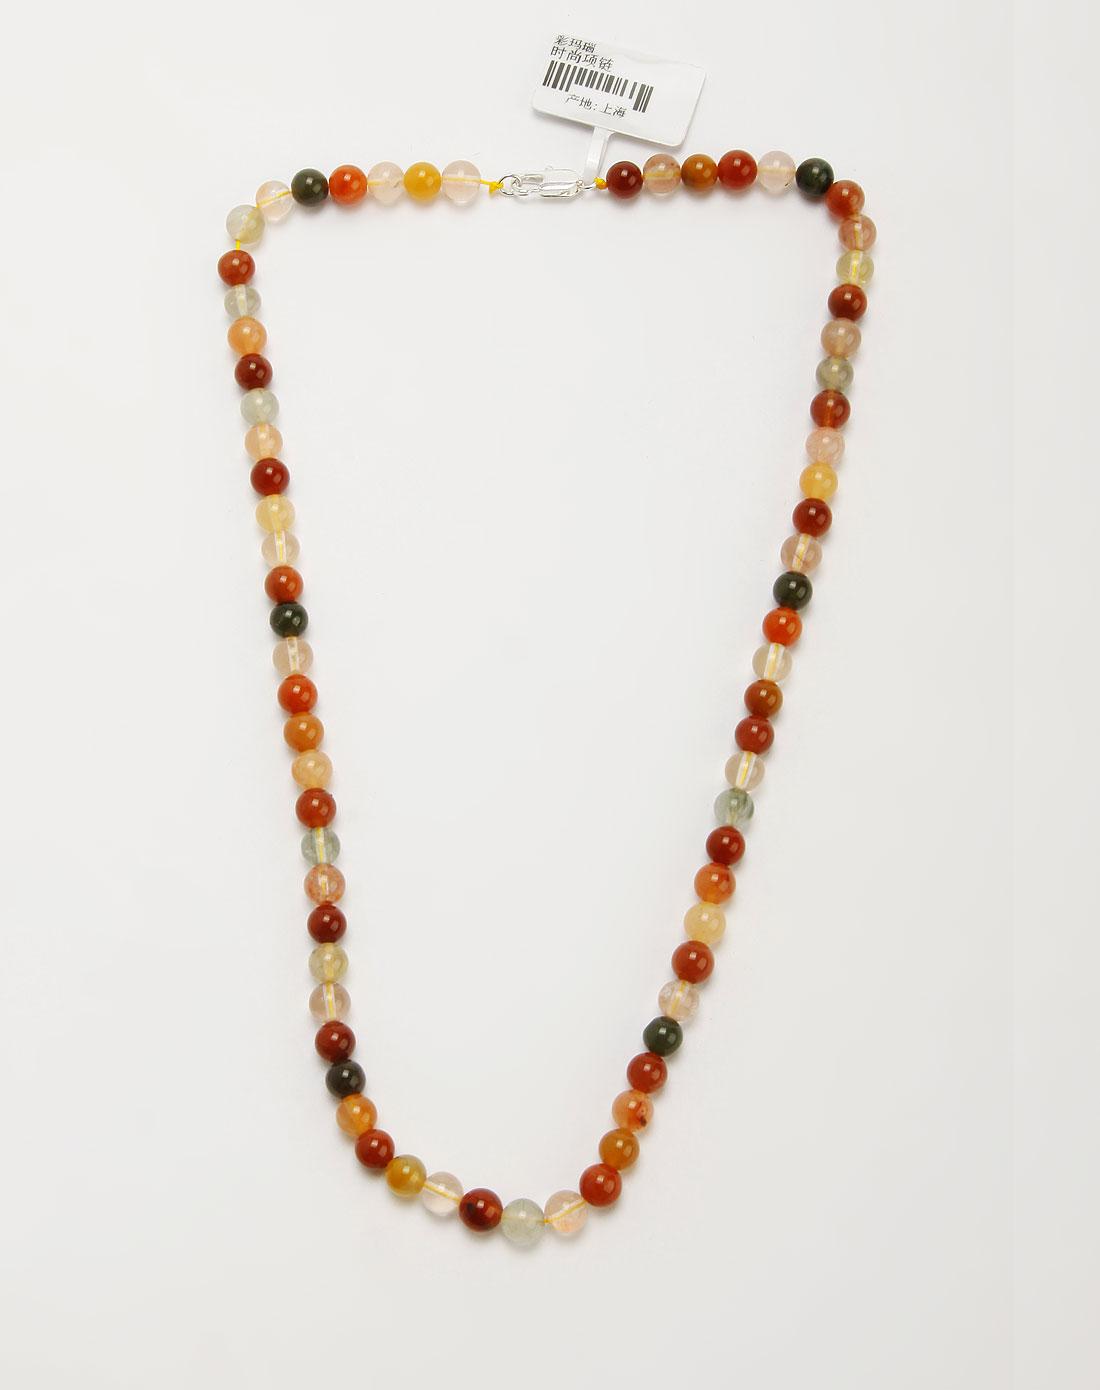 彩色时尚玛瑙项链